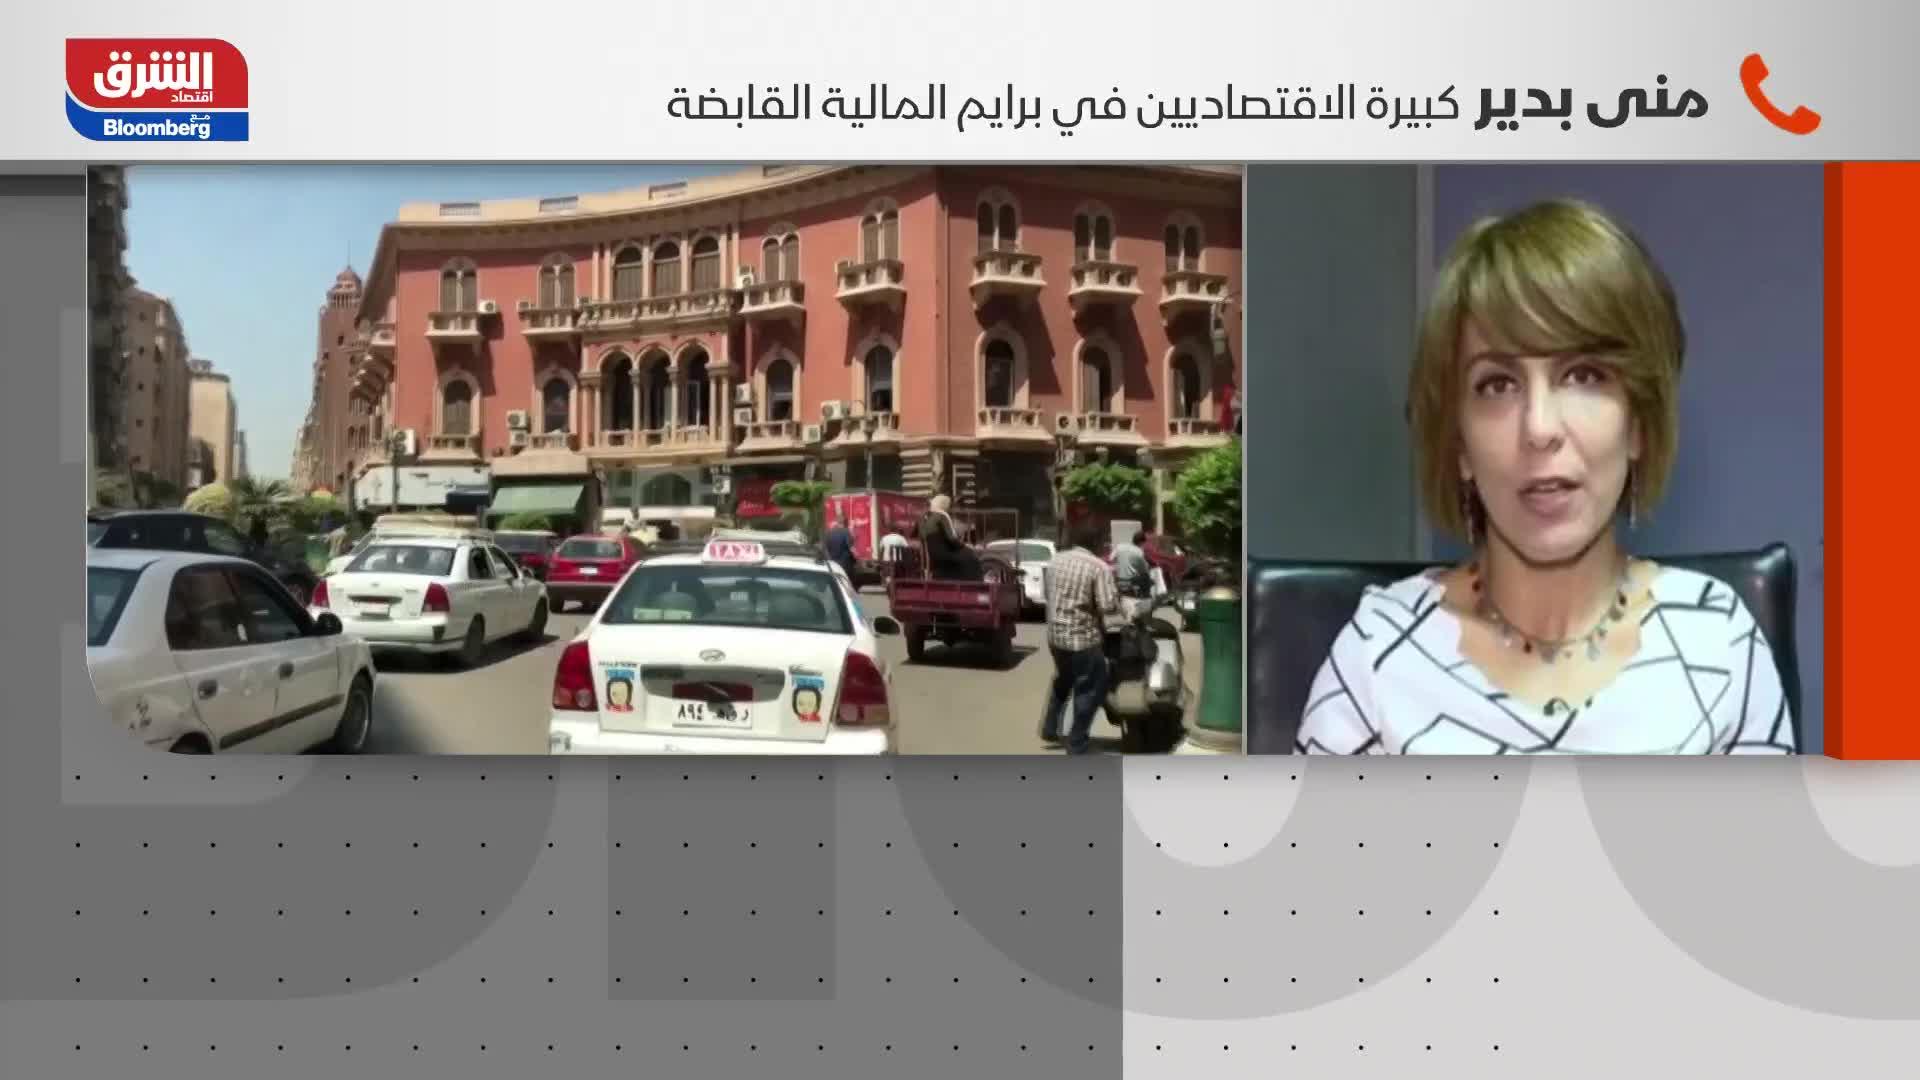 منى بدير : خطوات الإصلاح المصرية كانت لها تأثيرات إيجابية